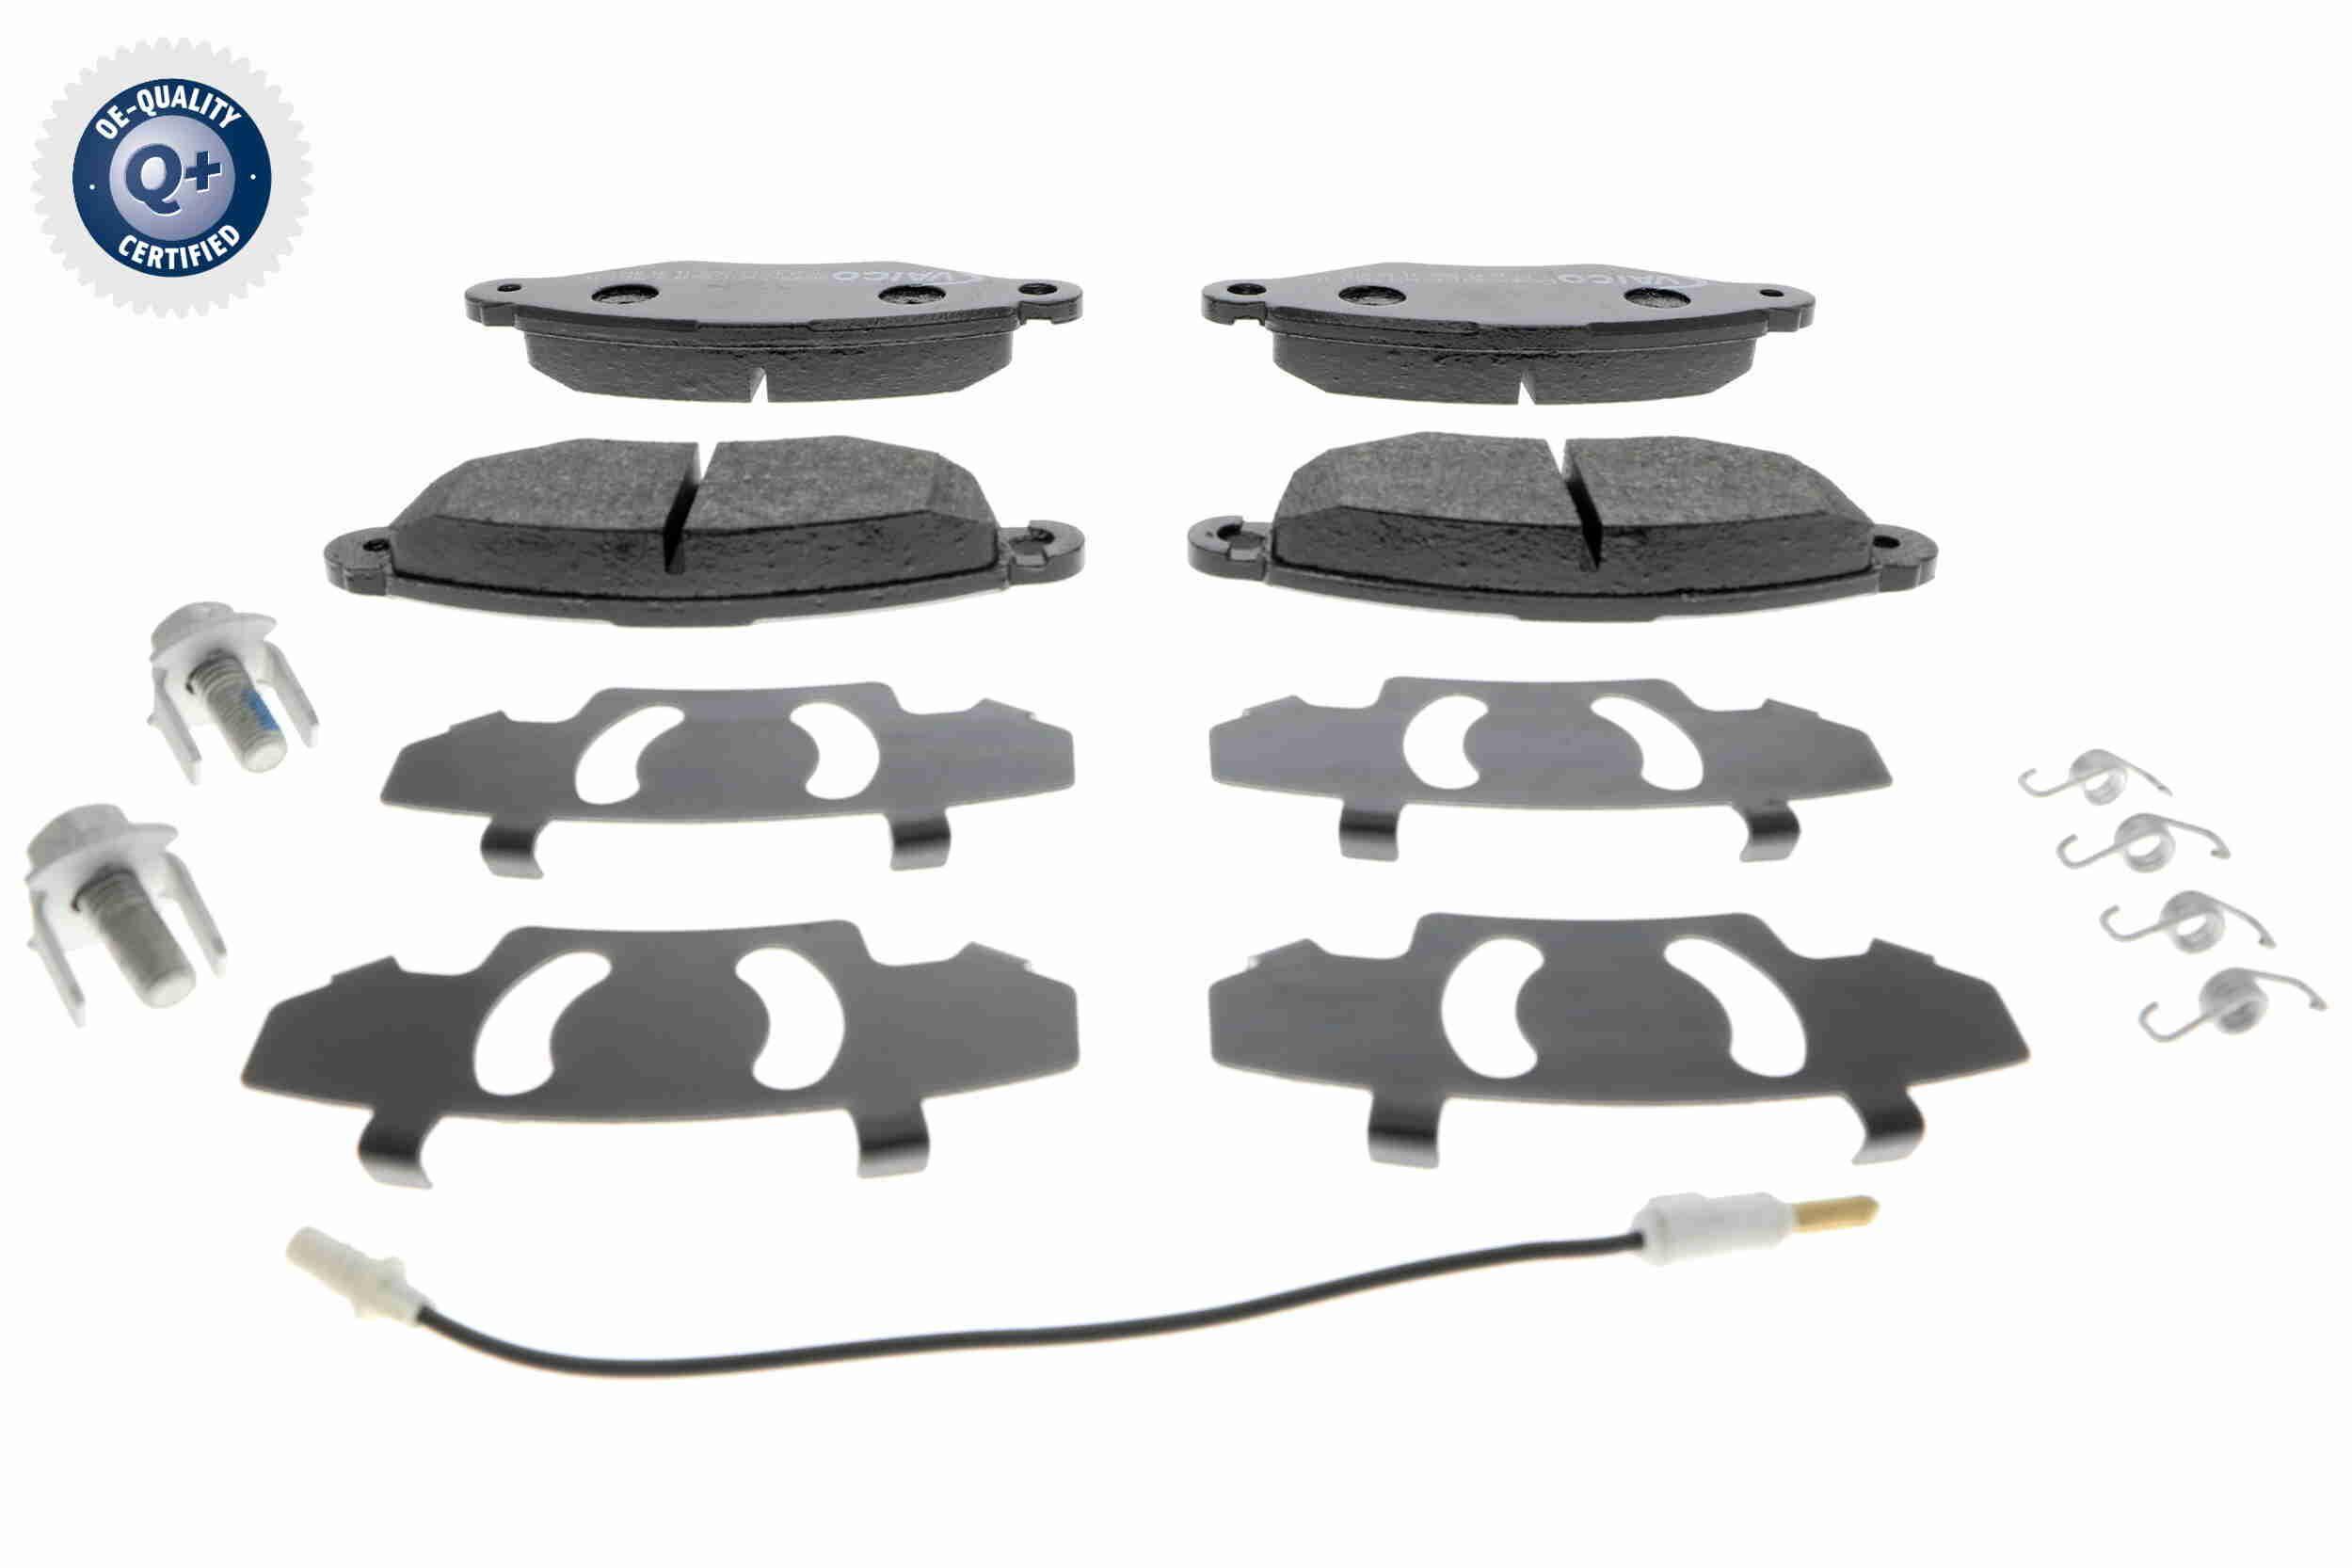 Bremsbelagsatz Scheibenbremse VAICO V46-0152